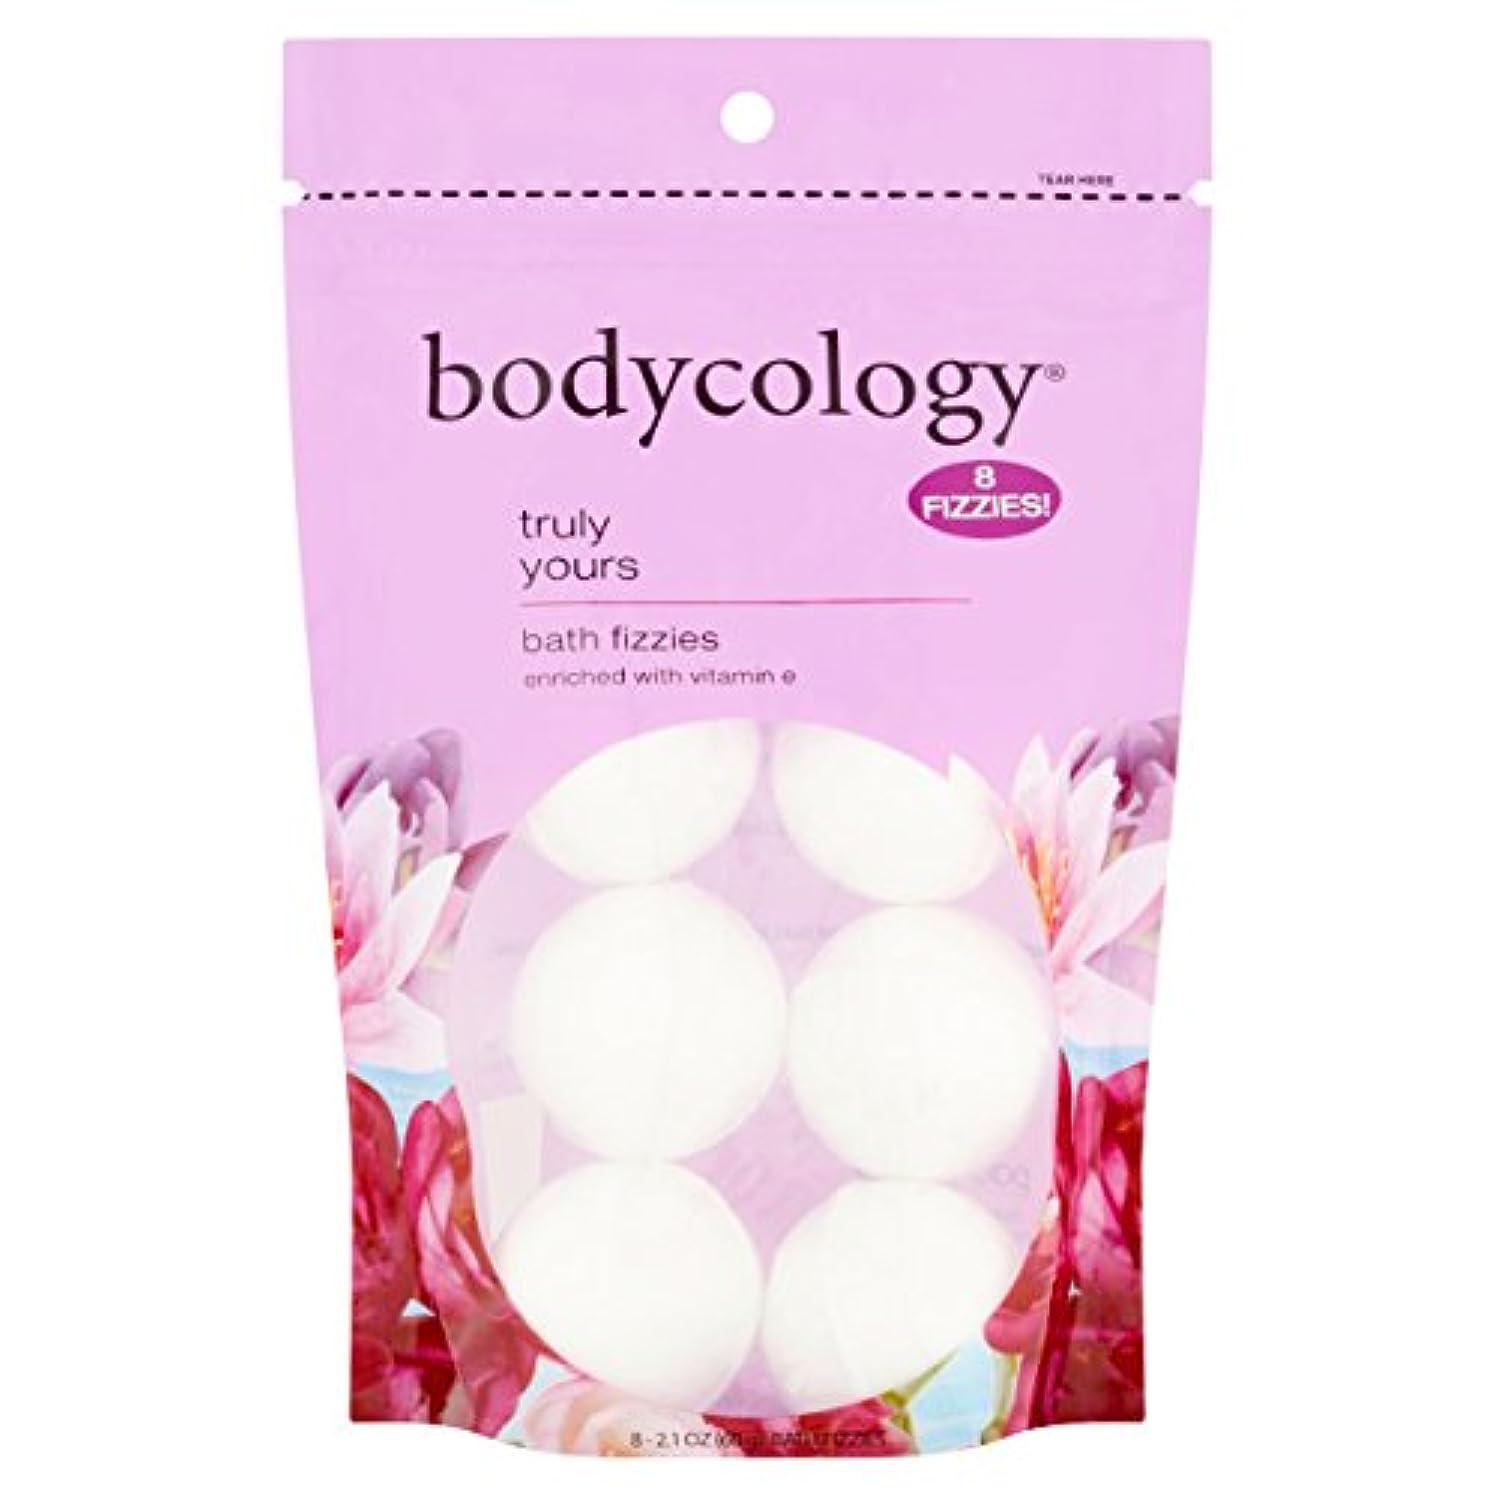 物理的な広く予測子Bodycology 敬具バースFizzies爆弾8から2.1オズボールを浸し